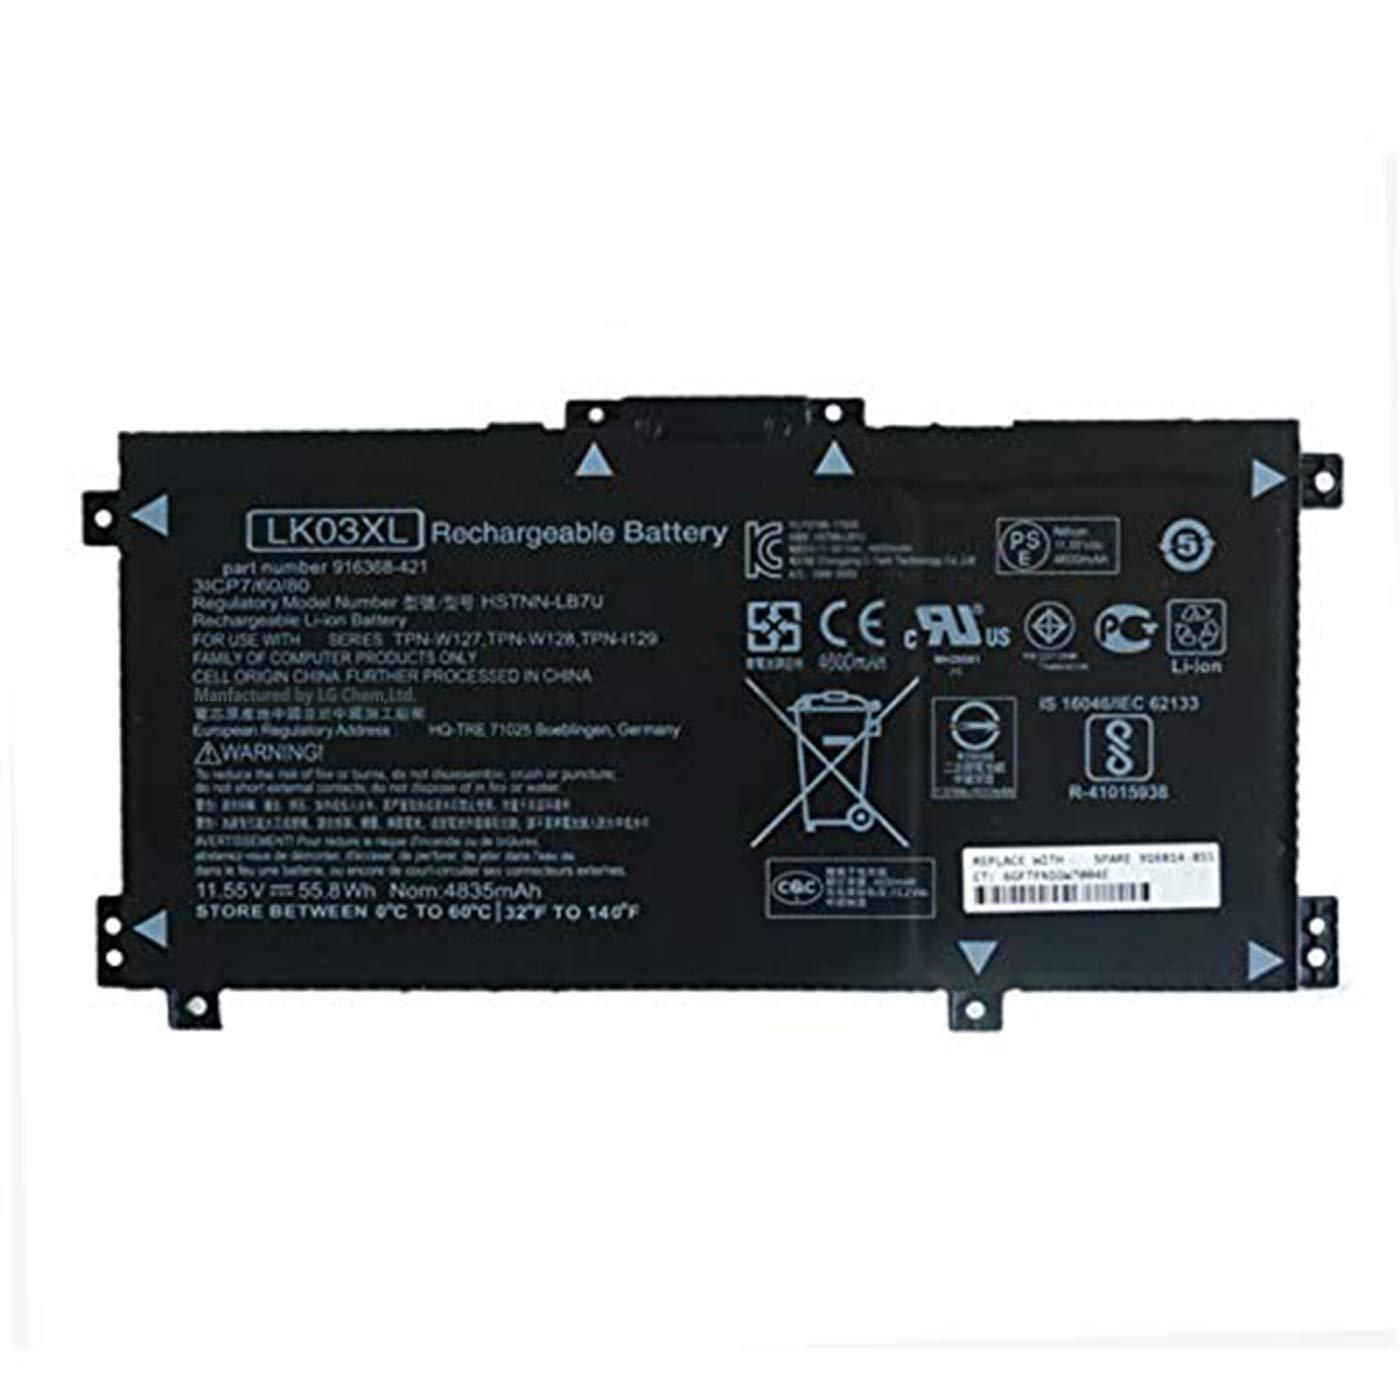 Bateria LK03XL HSTNN-UB71 916368-541 11.55V 55.8Wh 4835mAh H